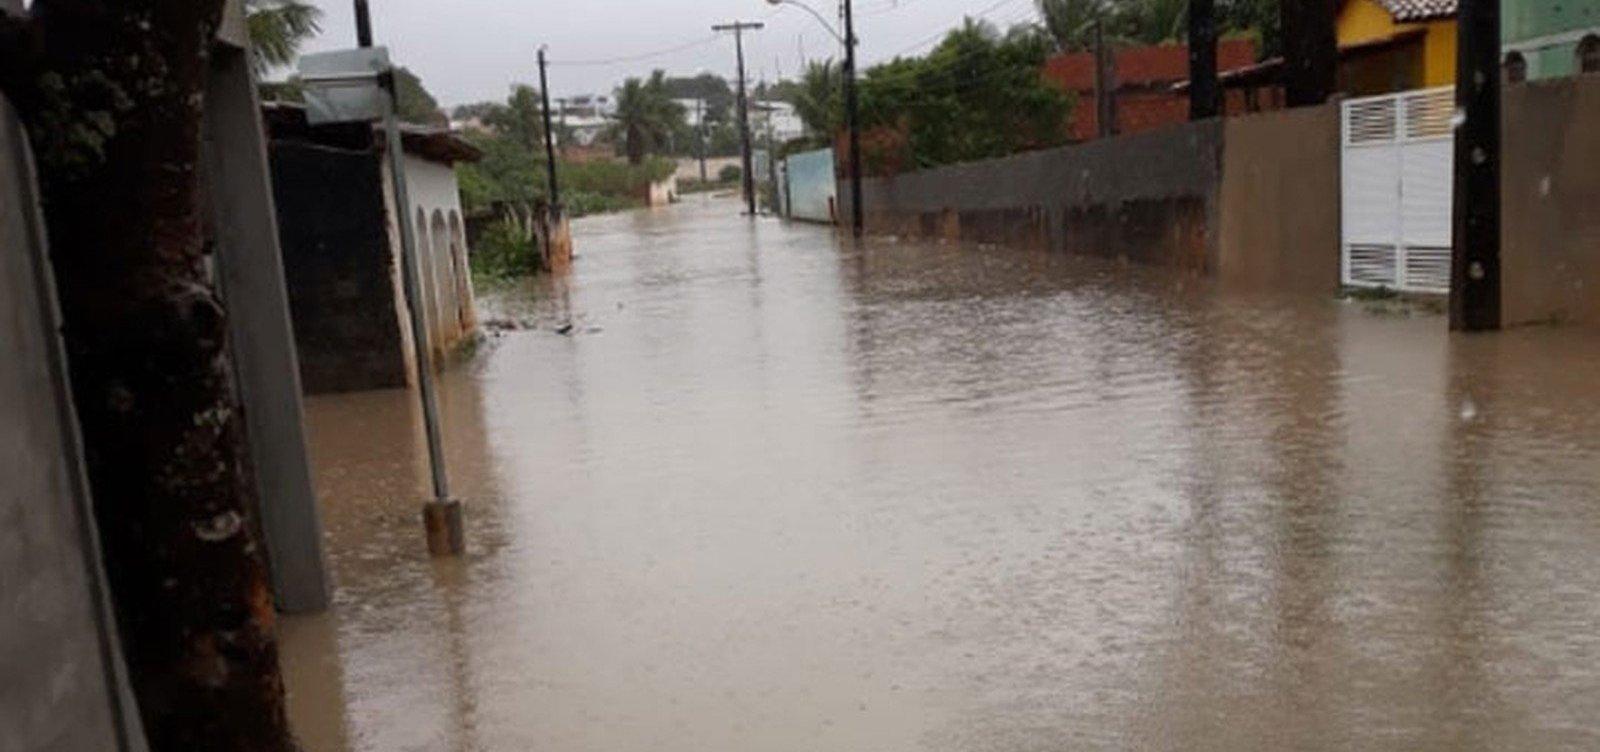 [Alagoinhas: chuva forte alaga ruas e residências]